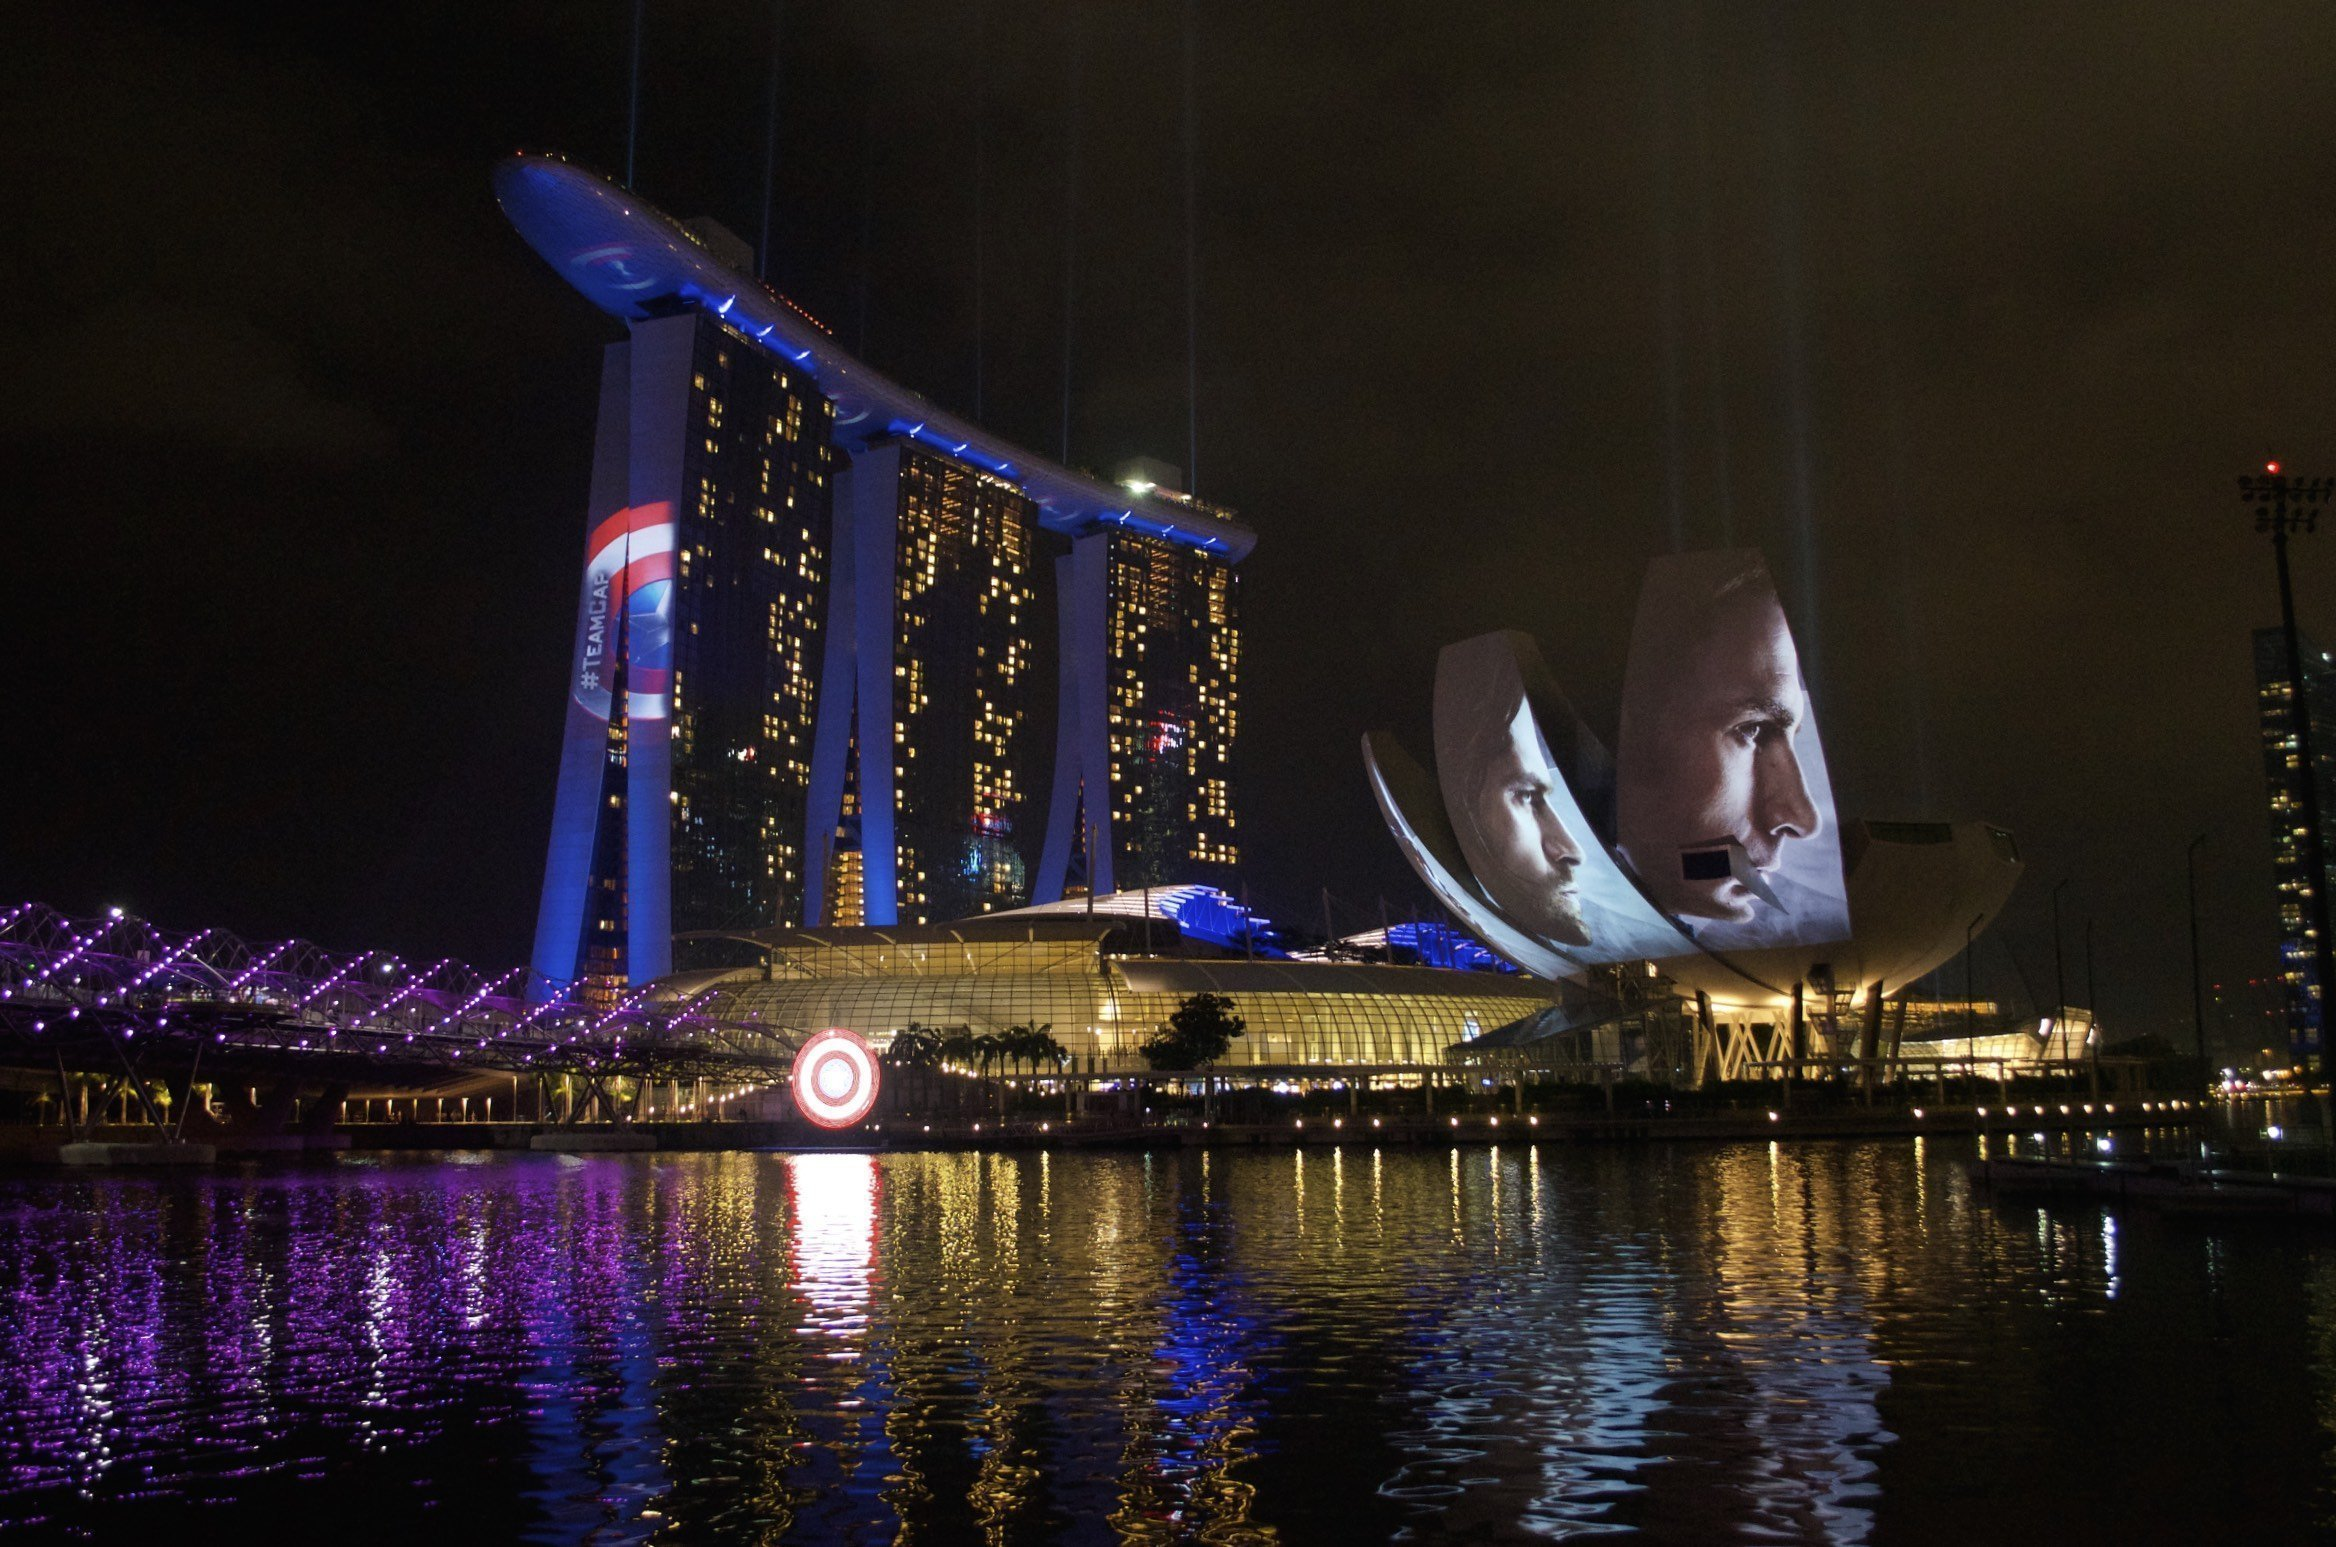 Marina Bay Sands, Science Museum und Helix Bridge bei Nacht